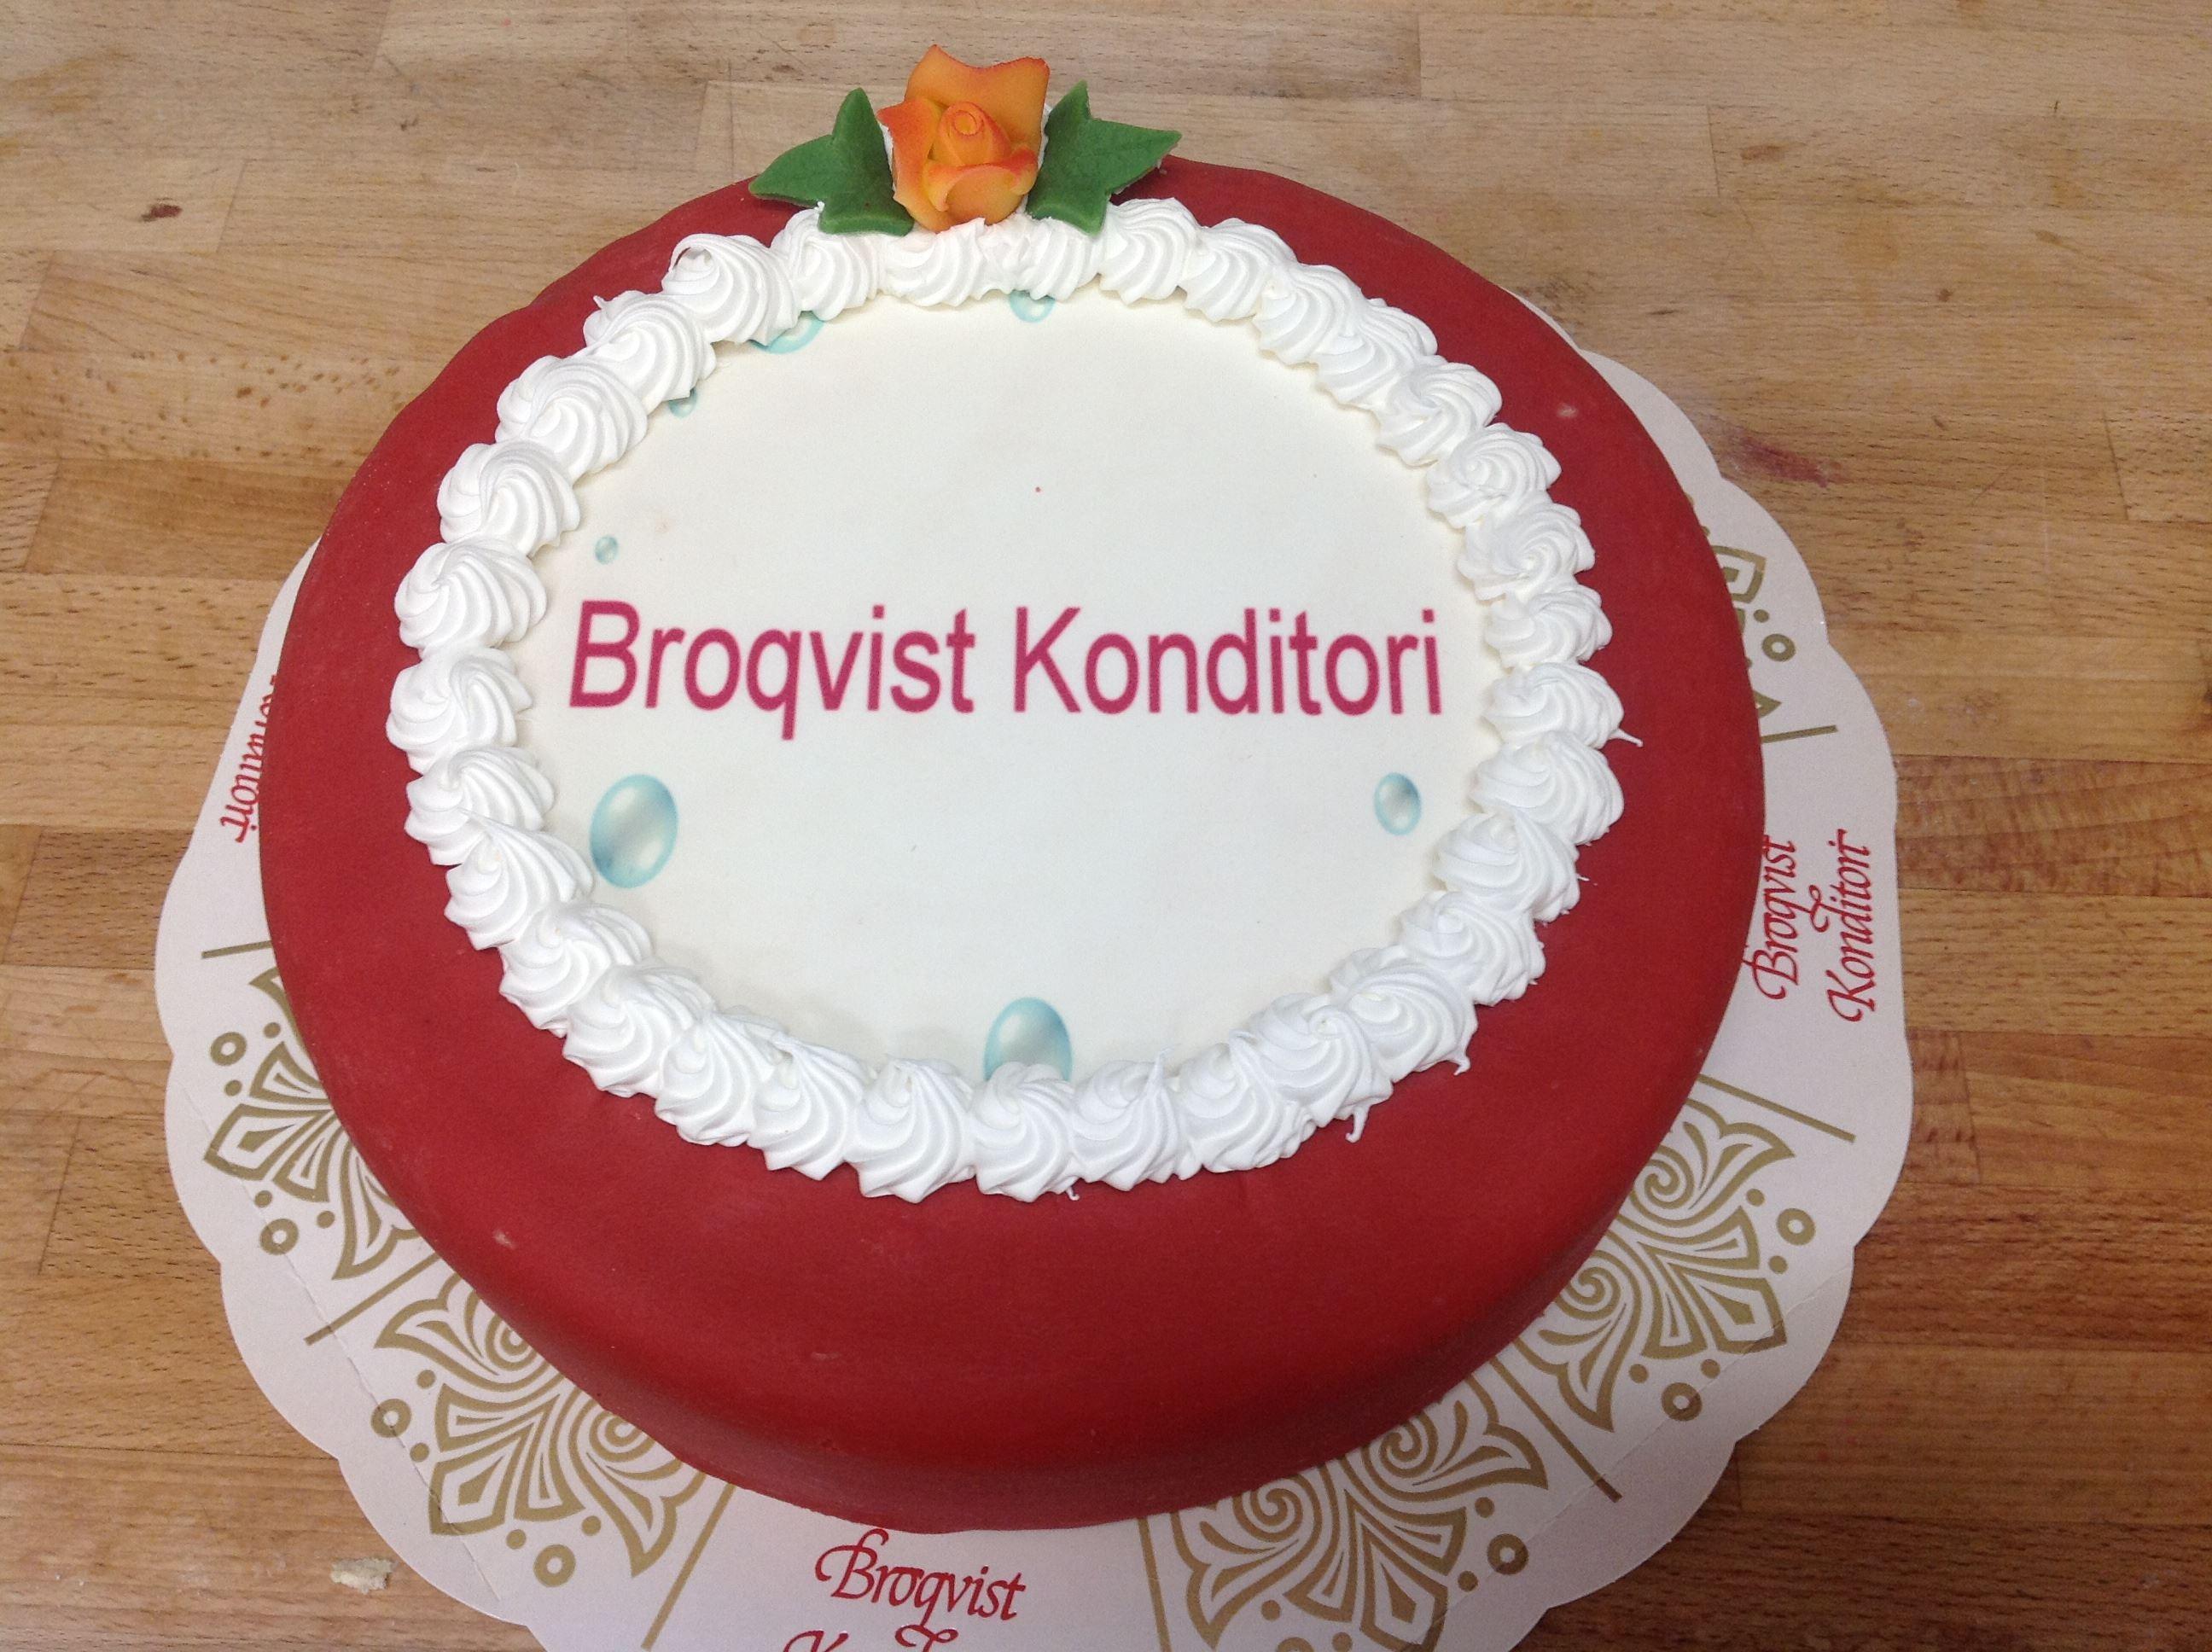 Broqvists Konditori